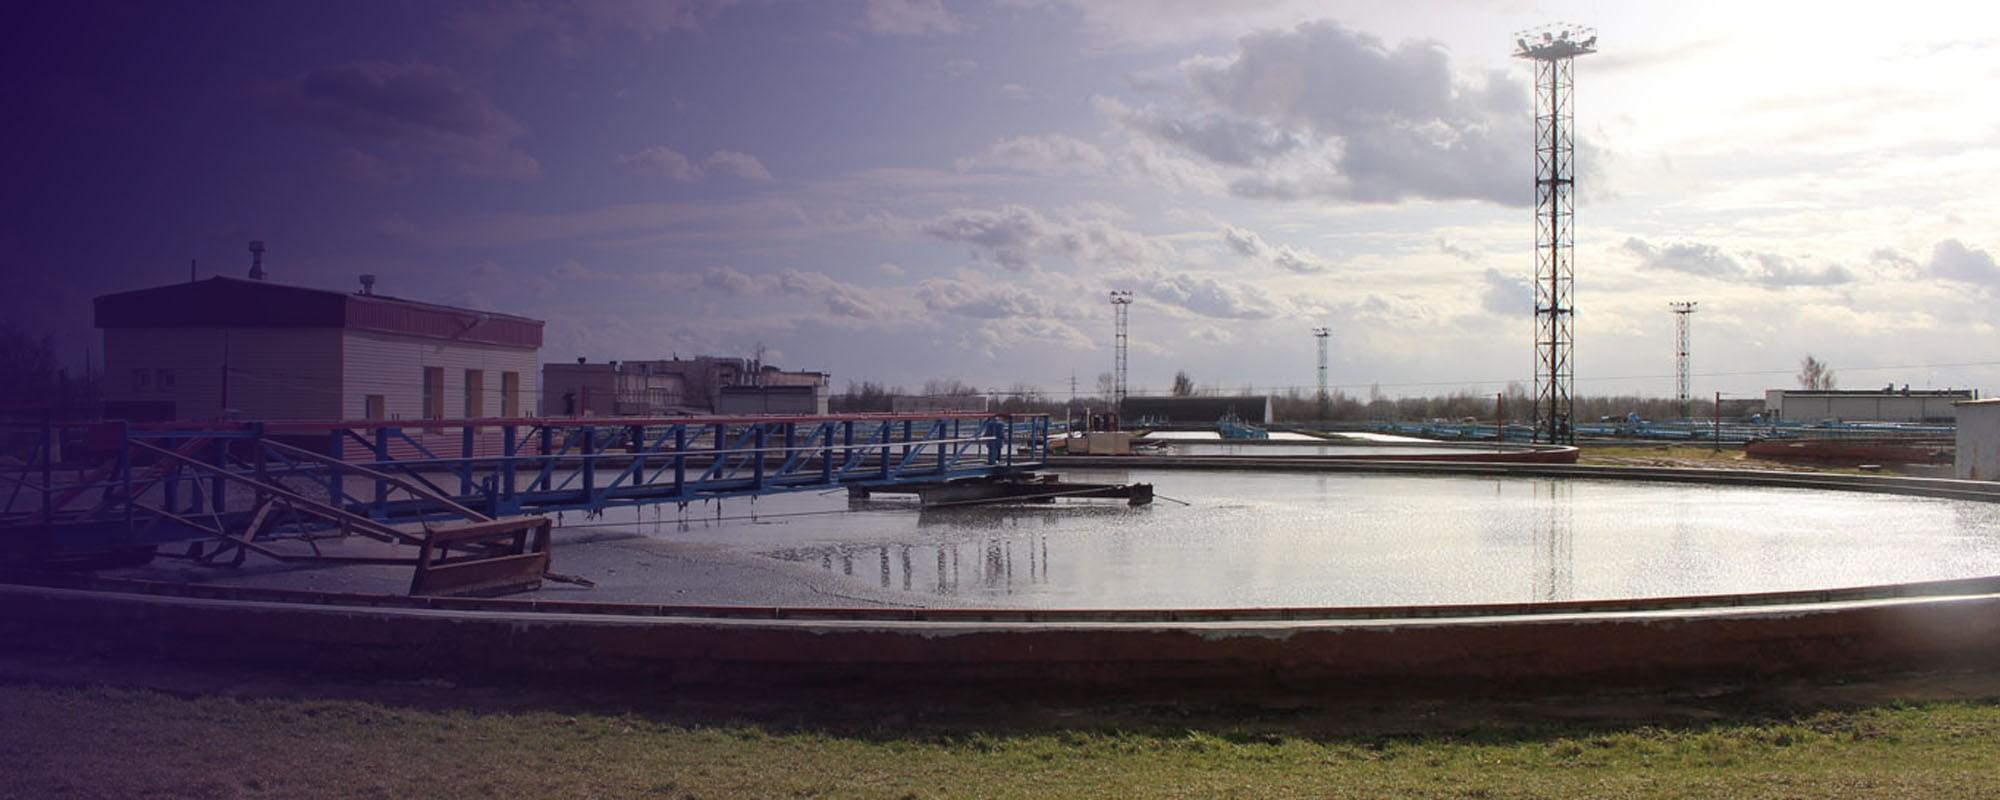 Химическая промышленность,<br>очистные сооружения